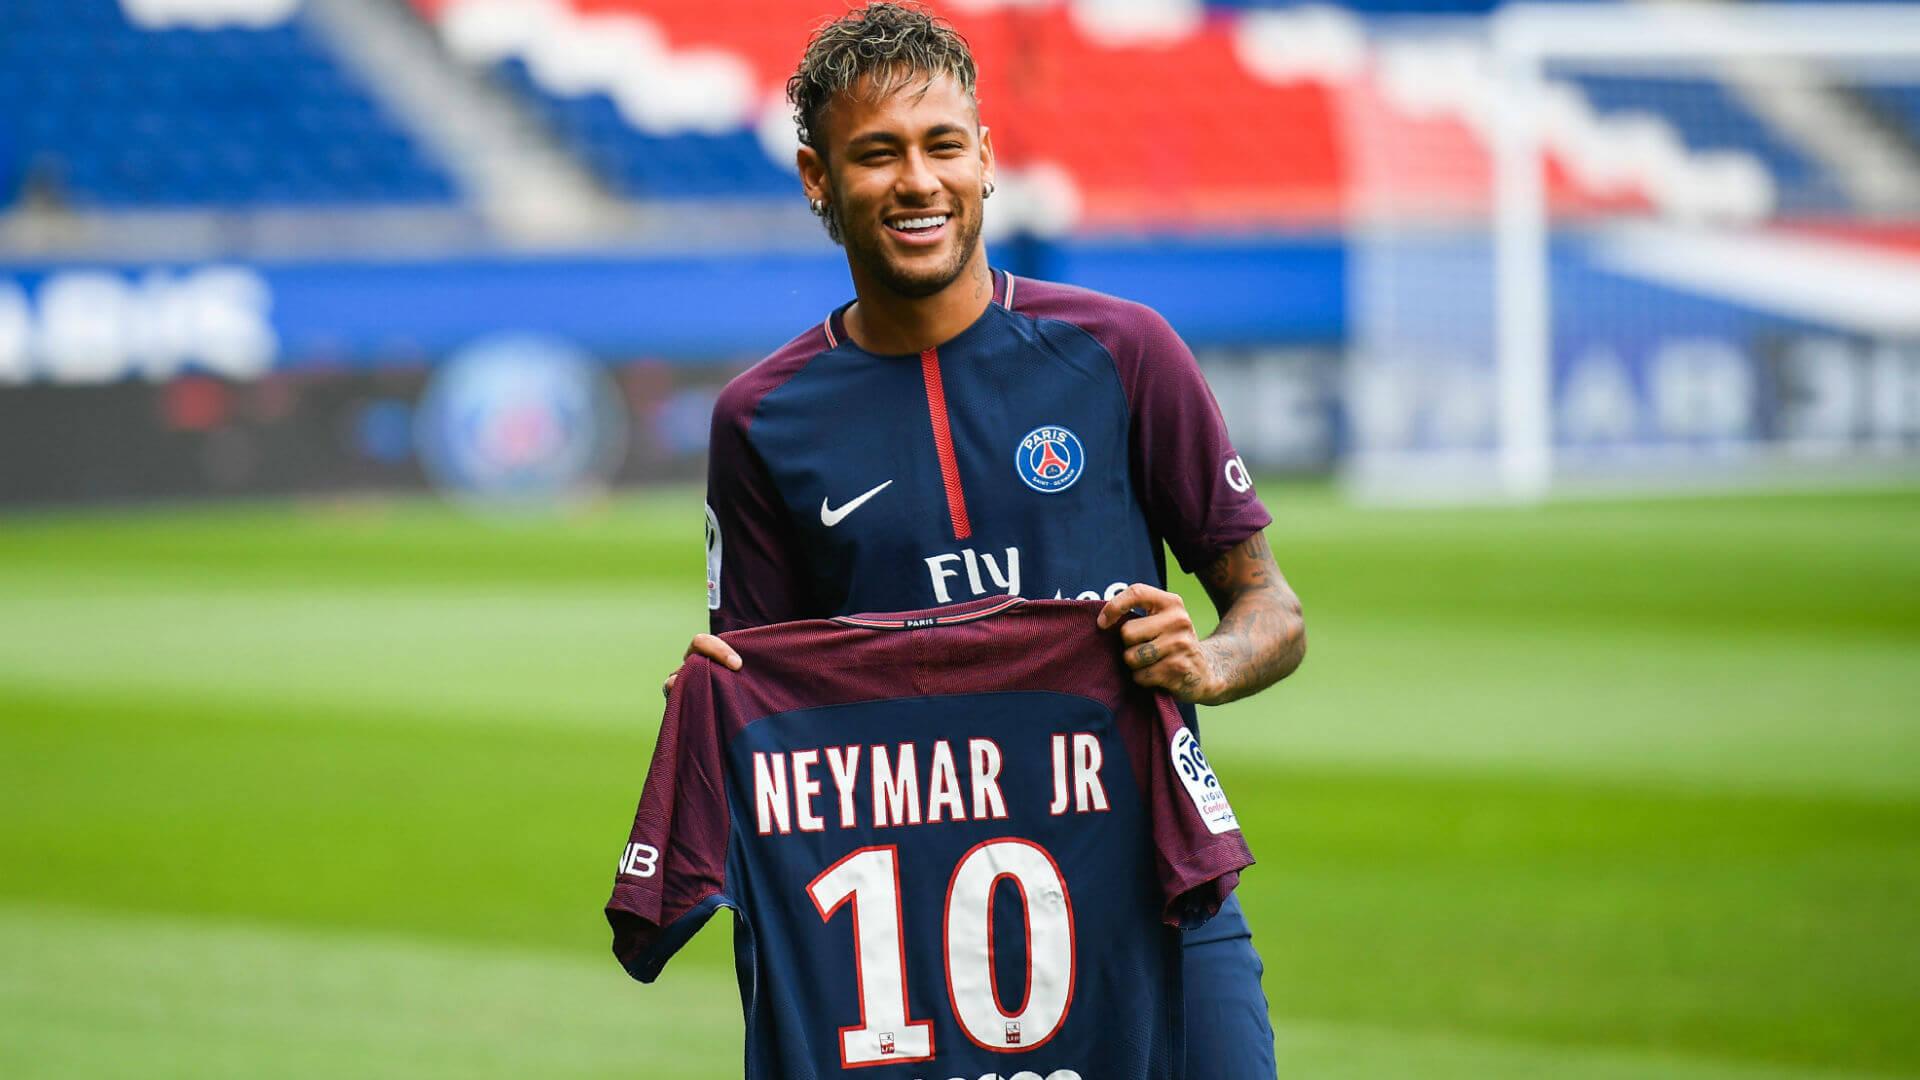 empreendedorismo2 Lições de empreendedorismo que podemos ter com Neymar